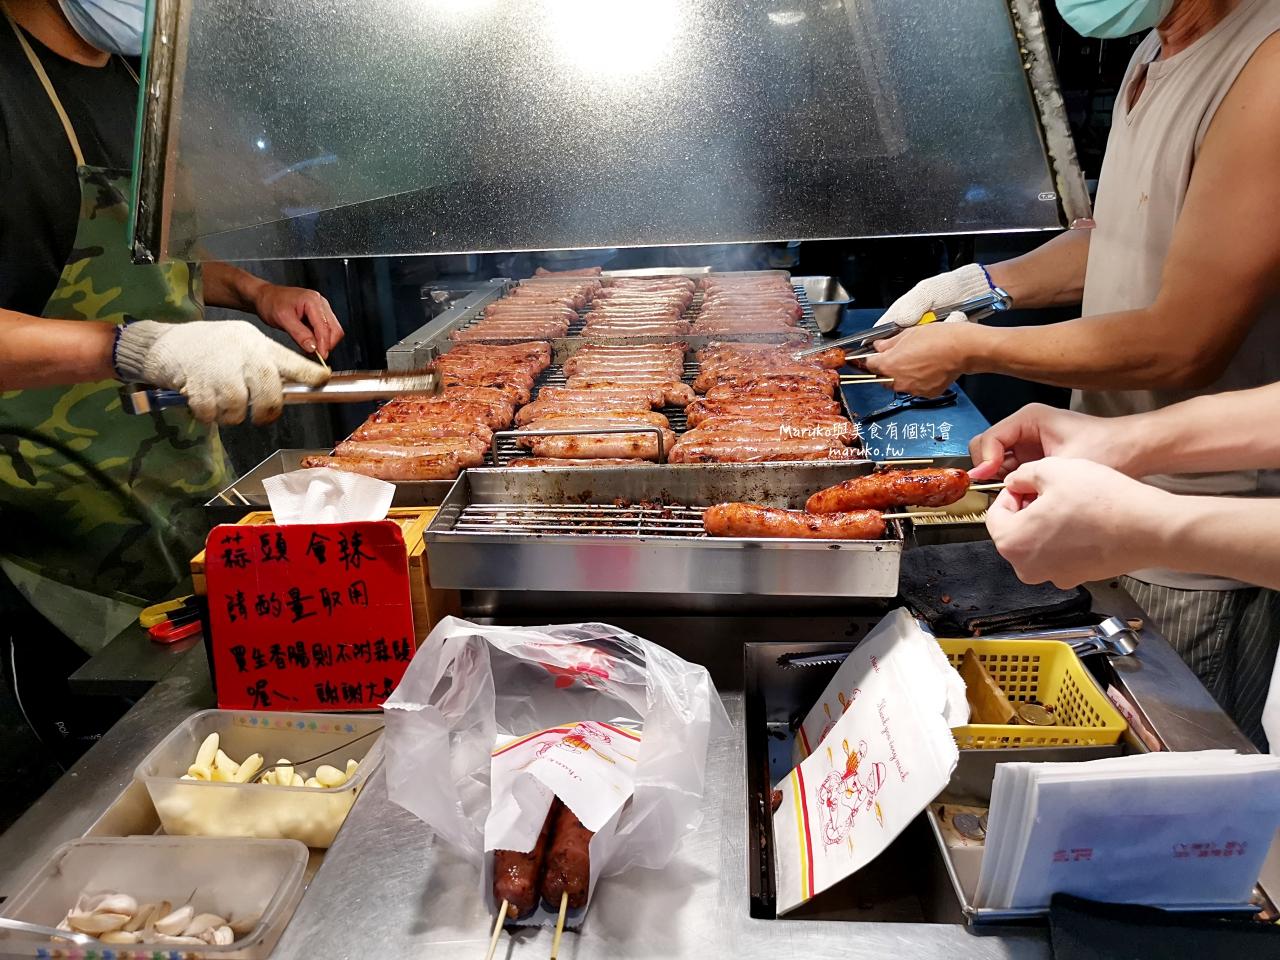 【台北】黃家 皇家現烤香腸 在地人推薦 30年老店 會噴汁的炭烤香腸 捷運古亭站美食